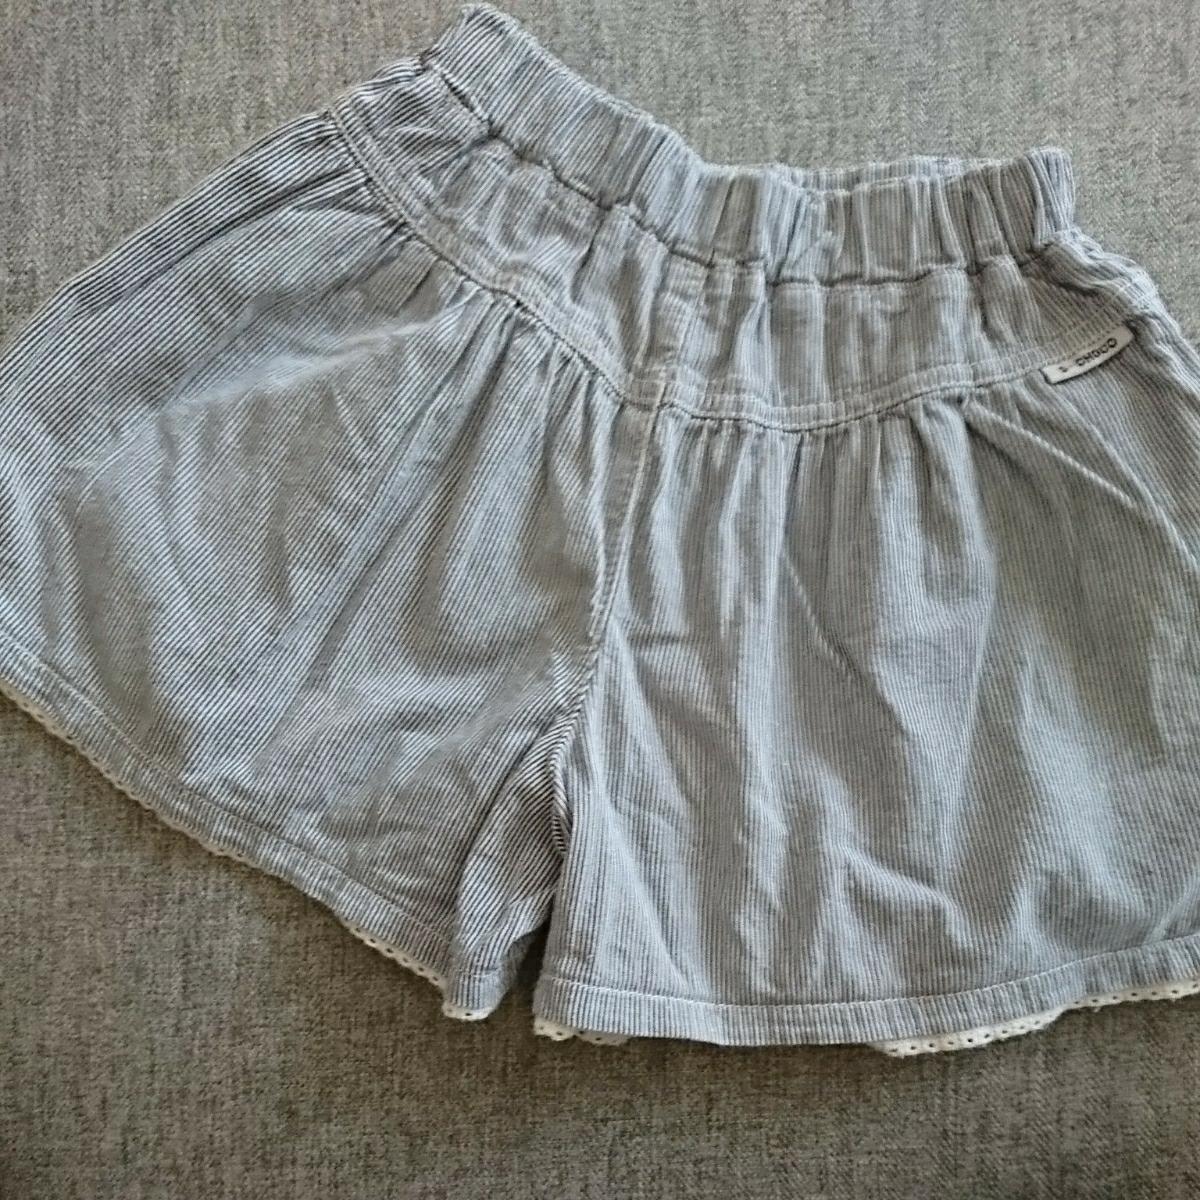 涼しい綿100%涼しげ細ストライプ薄手ショートパンツ 130cmキュロットスカート女の子_画像2